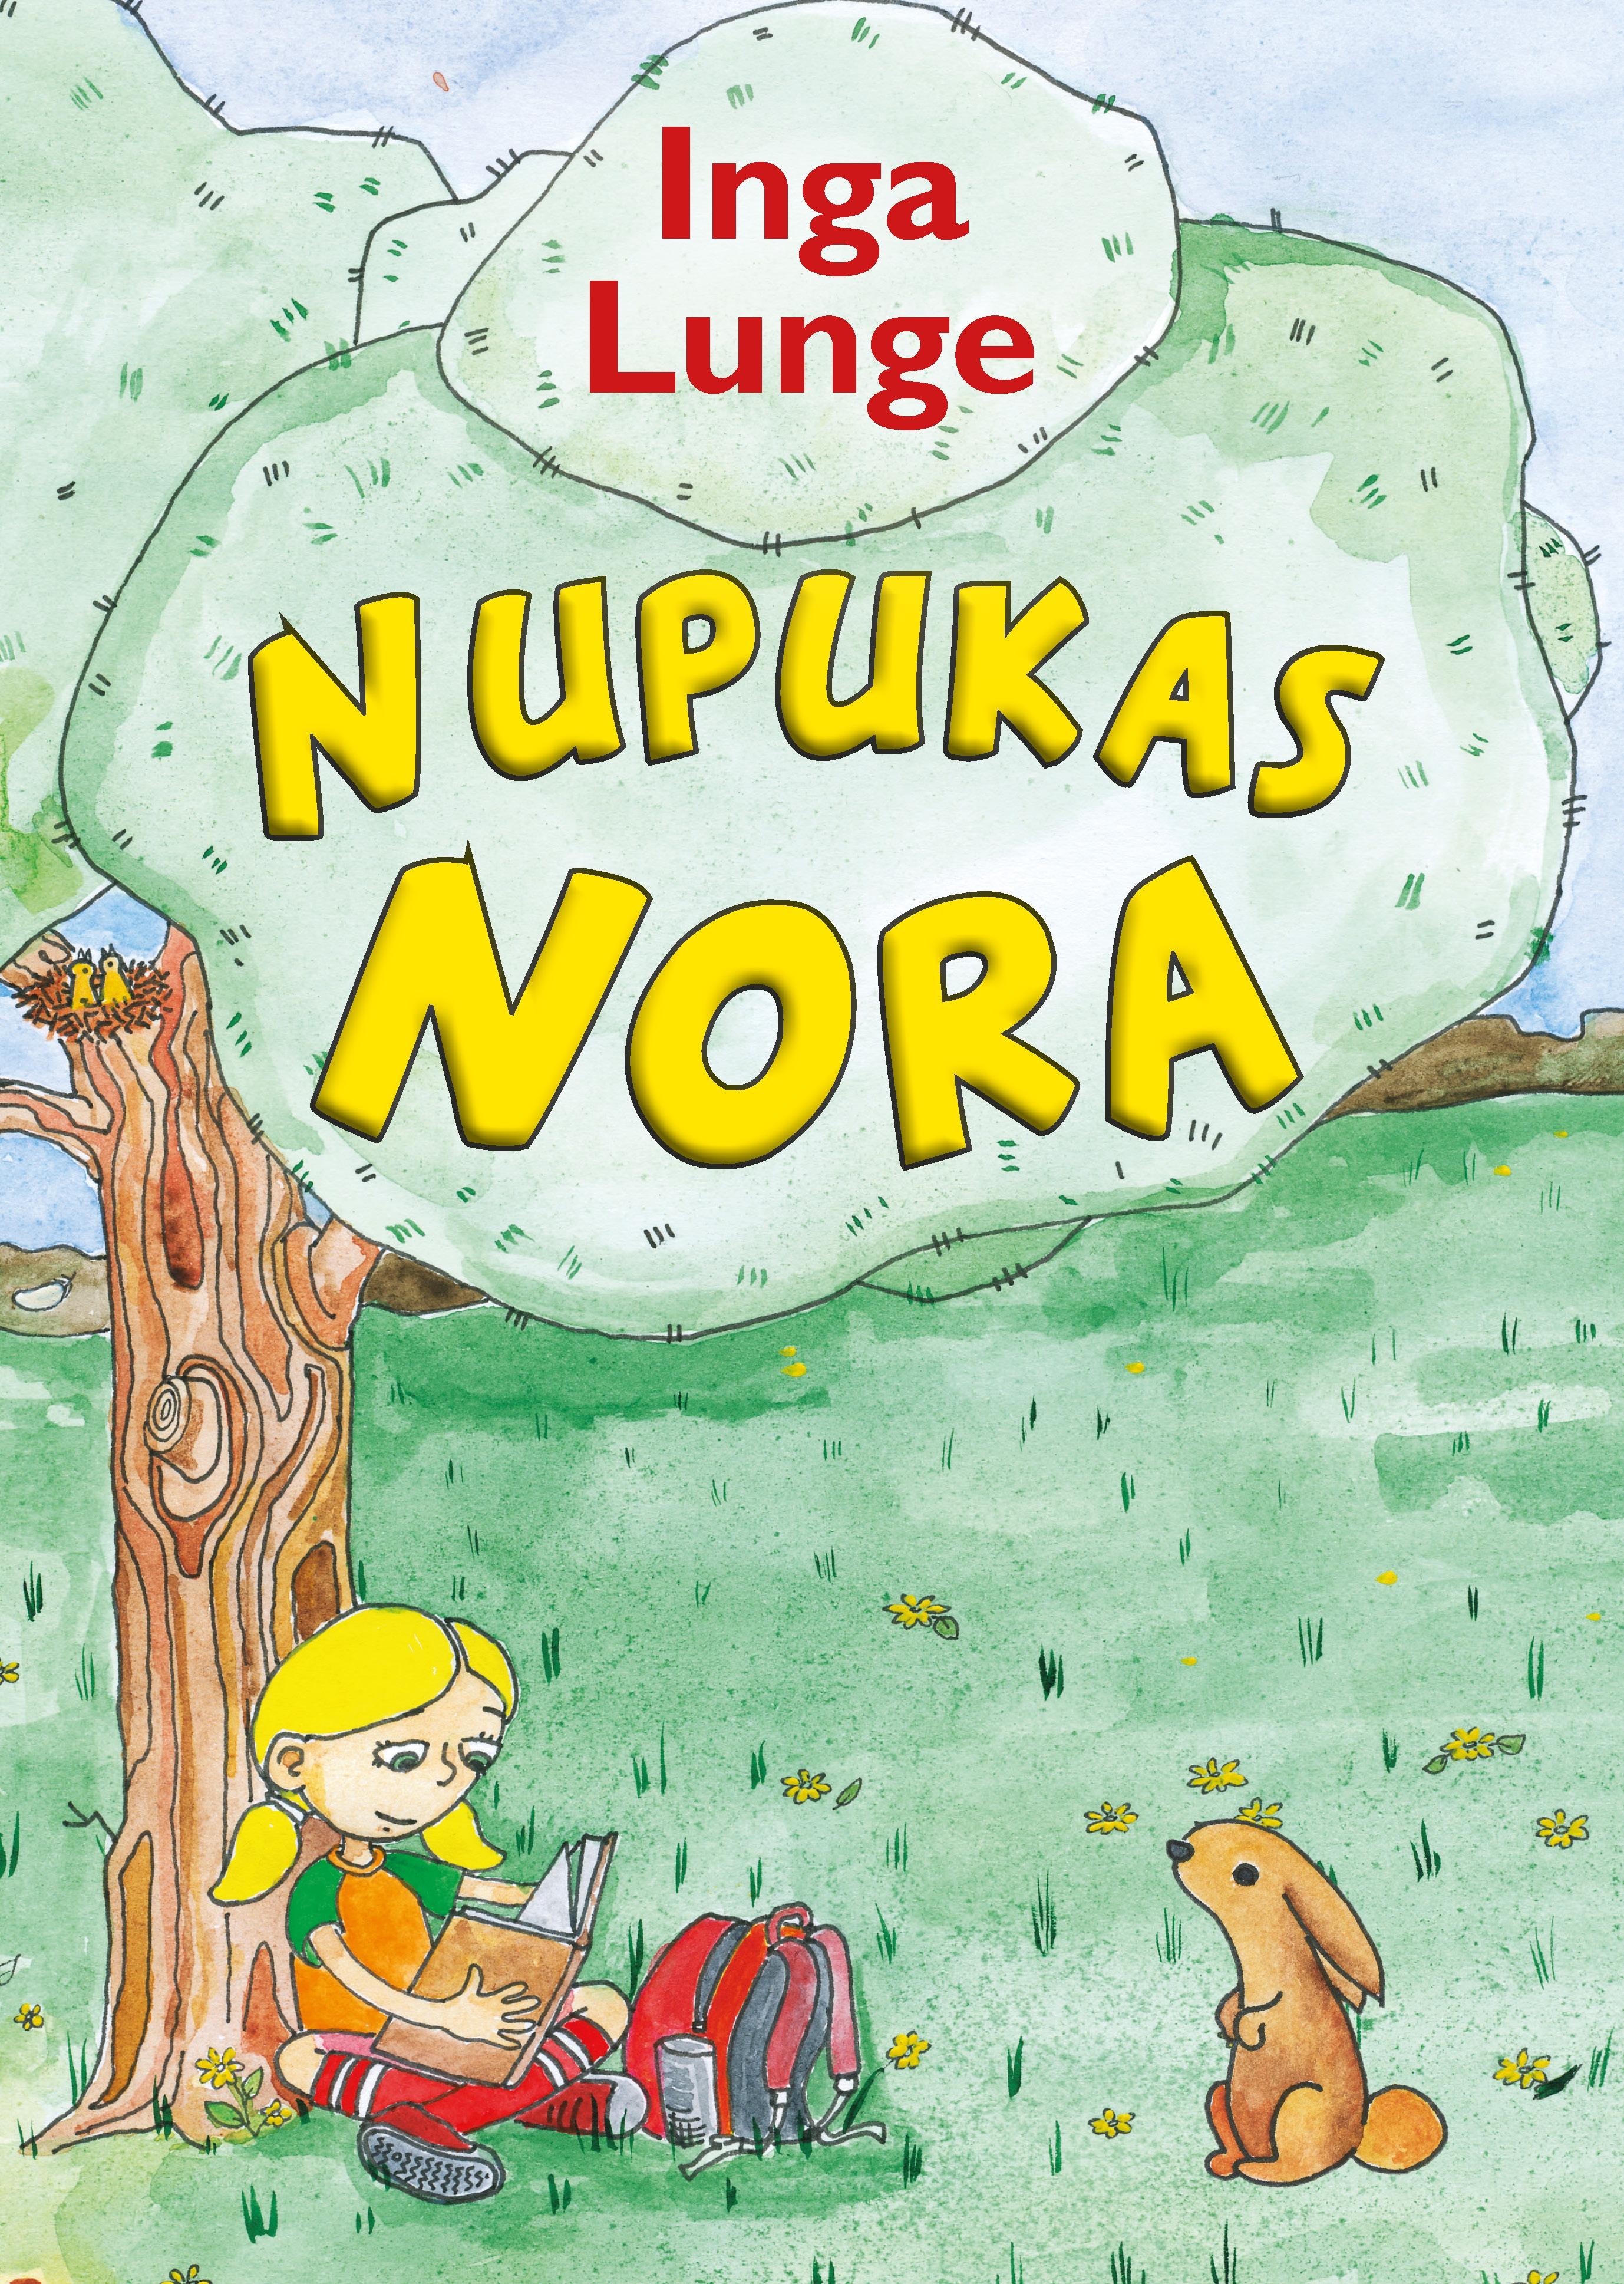 Nupukas Nora